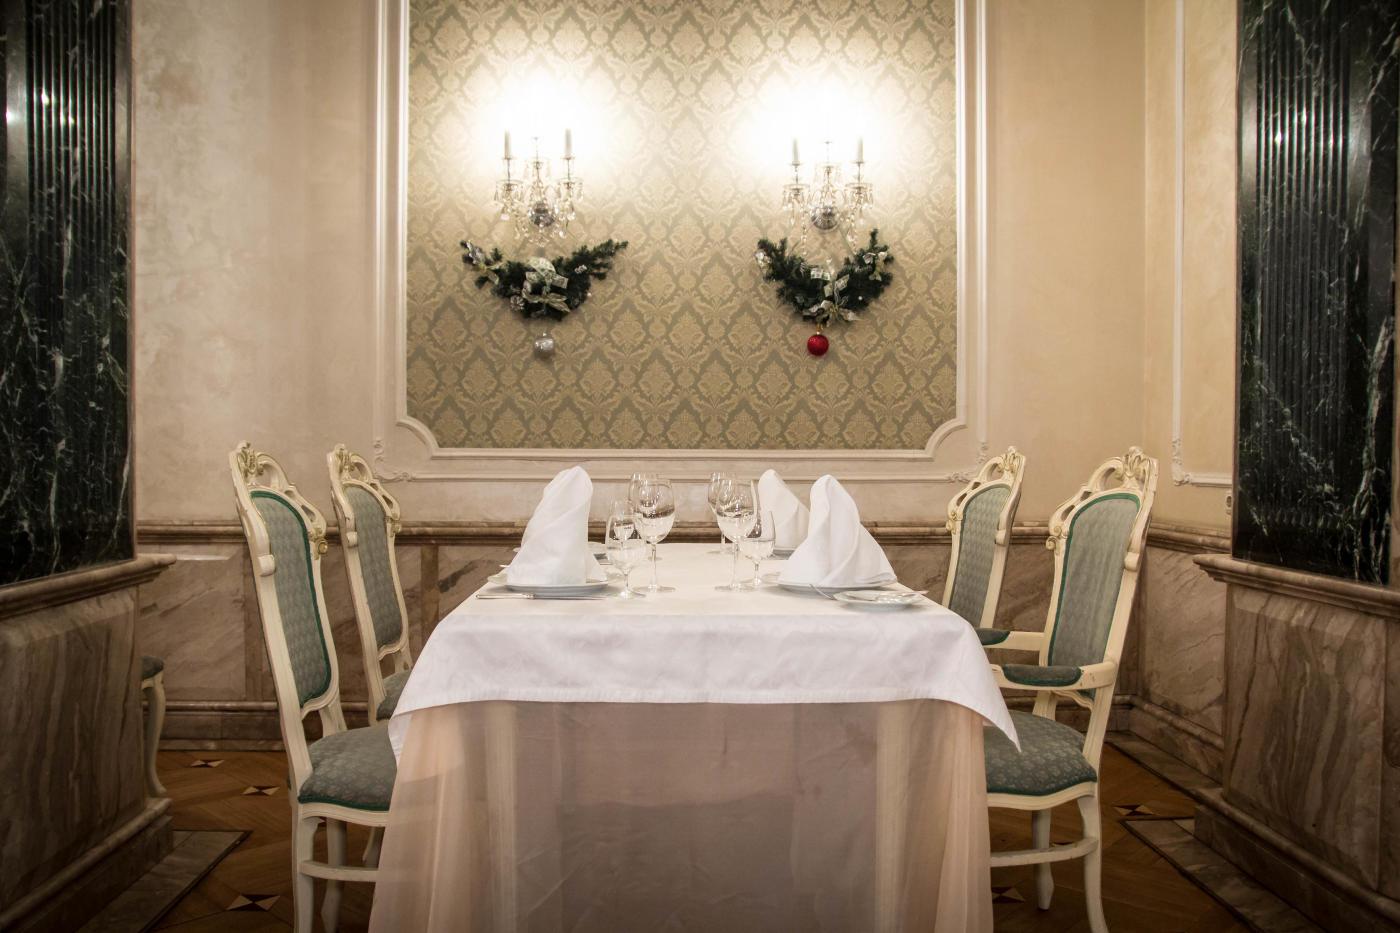 Ресторан Ривьера (Riviere) фото 21